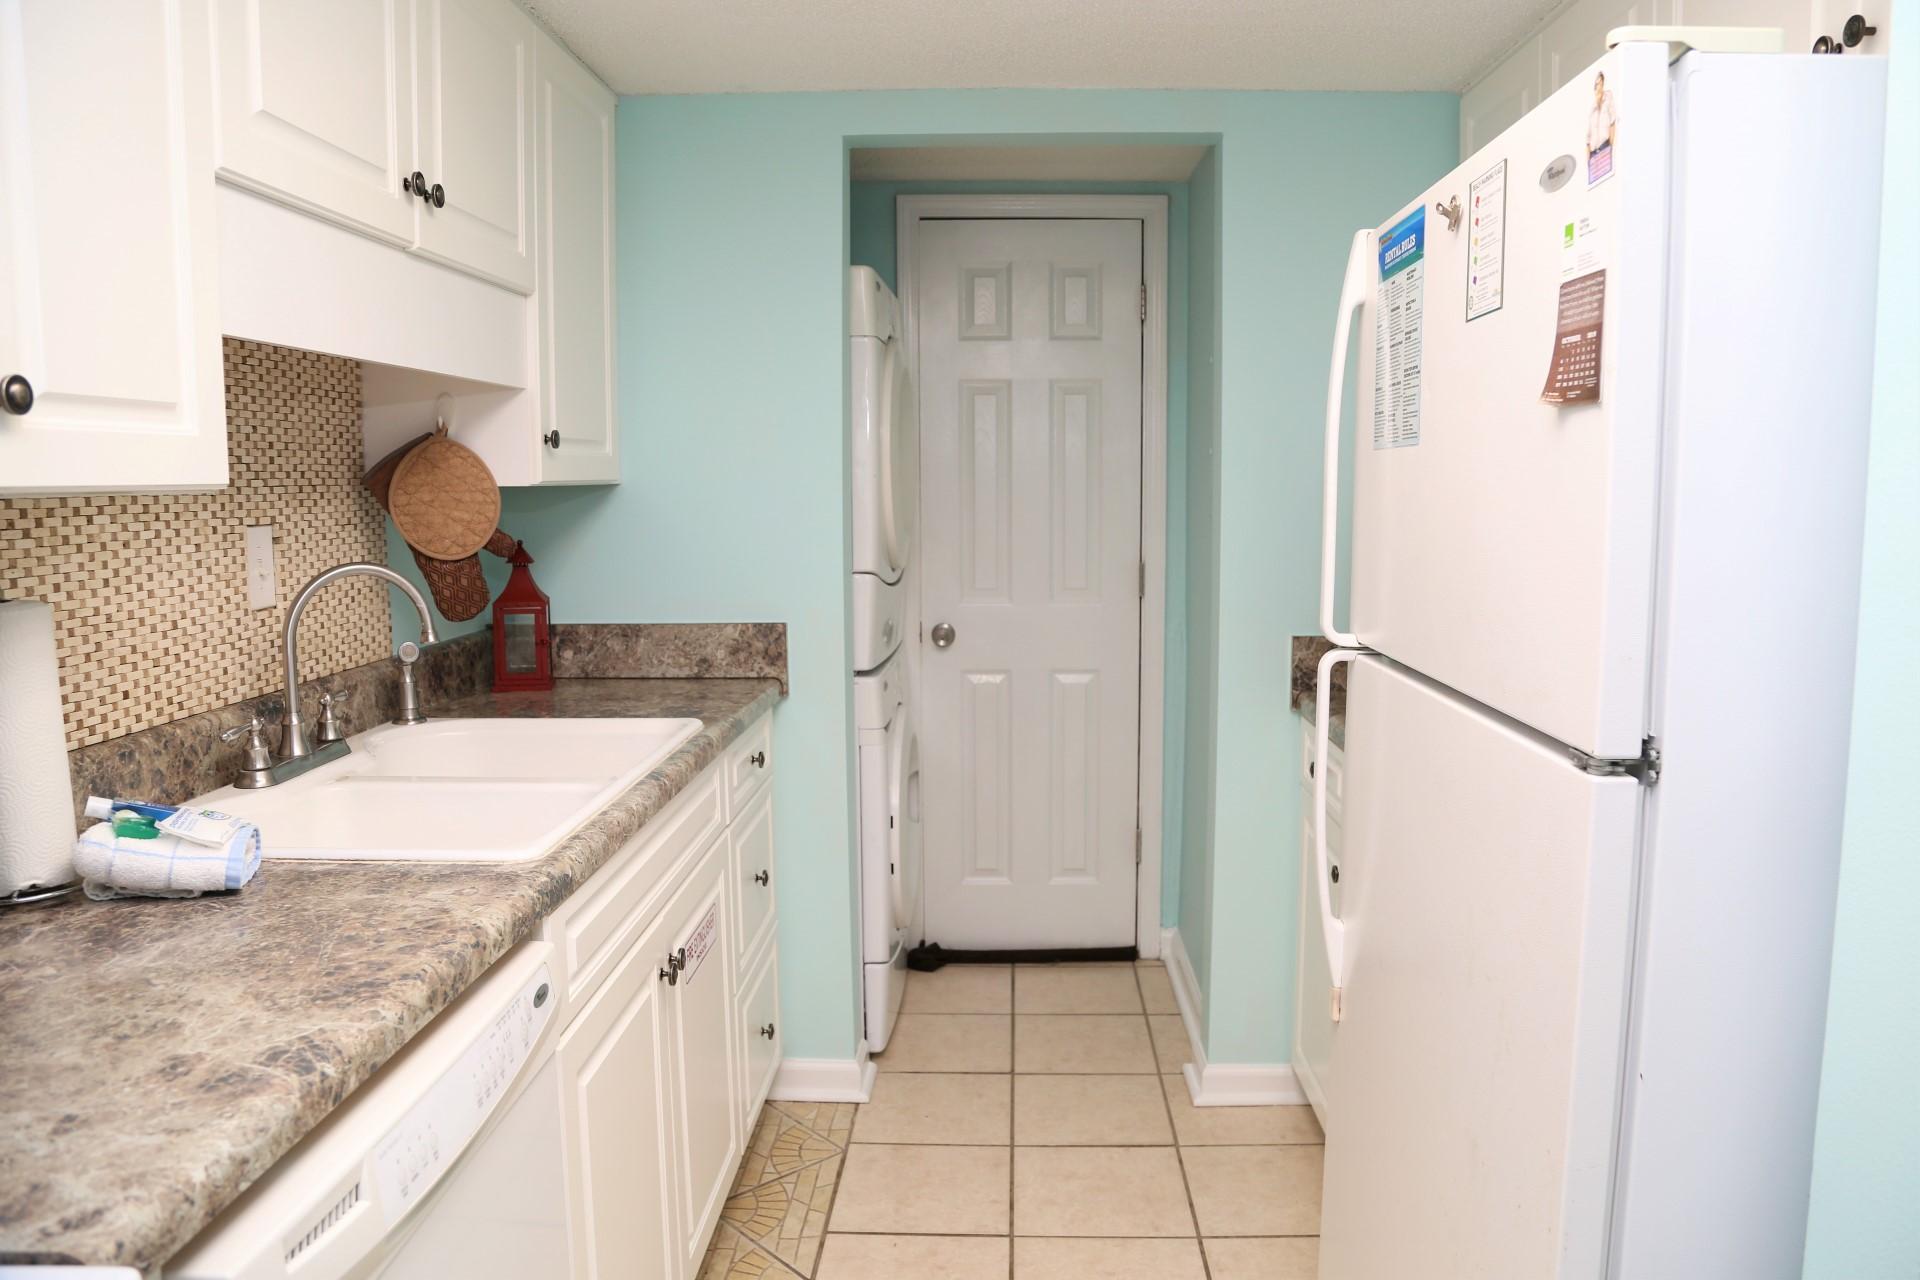 Castaways 1B - Washer dryer next to kitchen